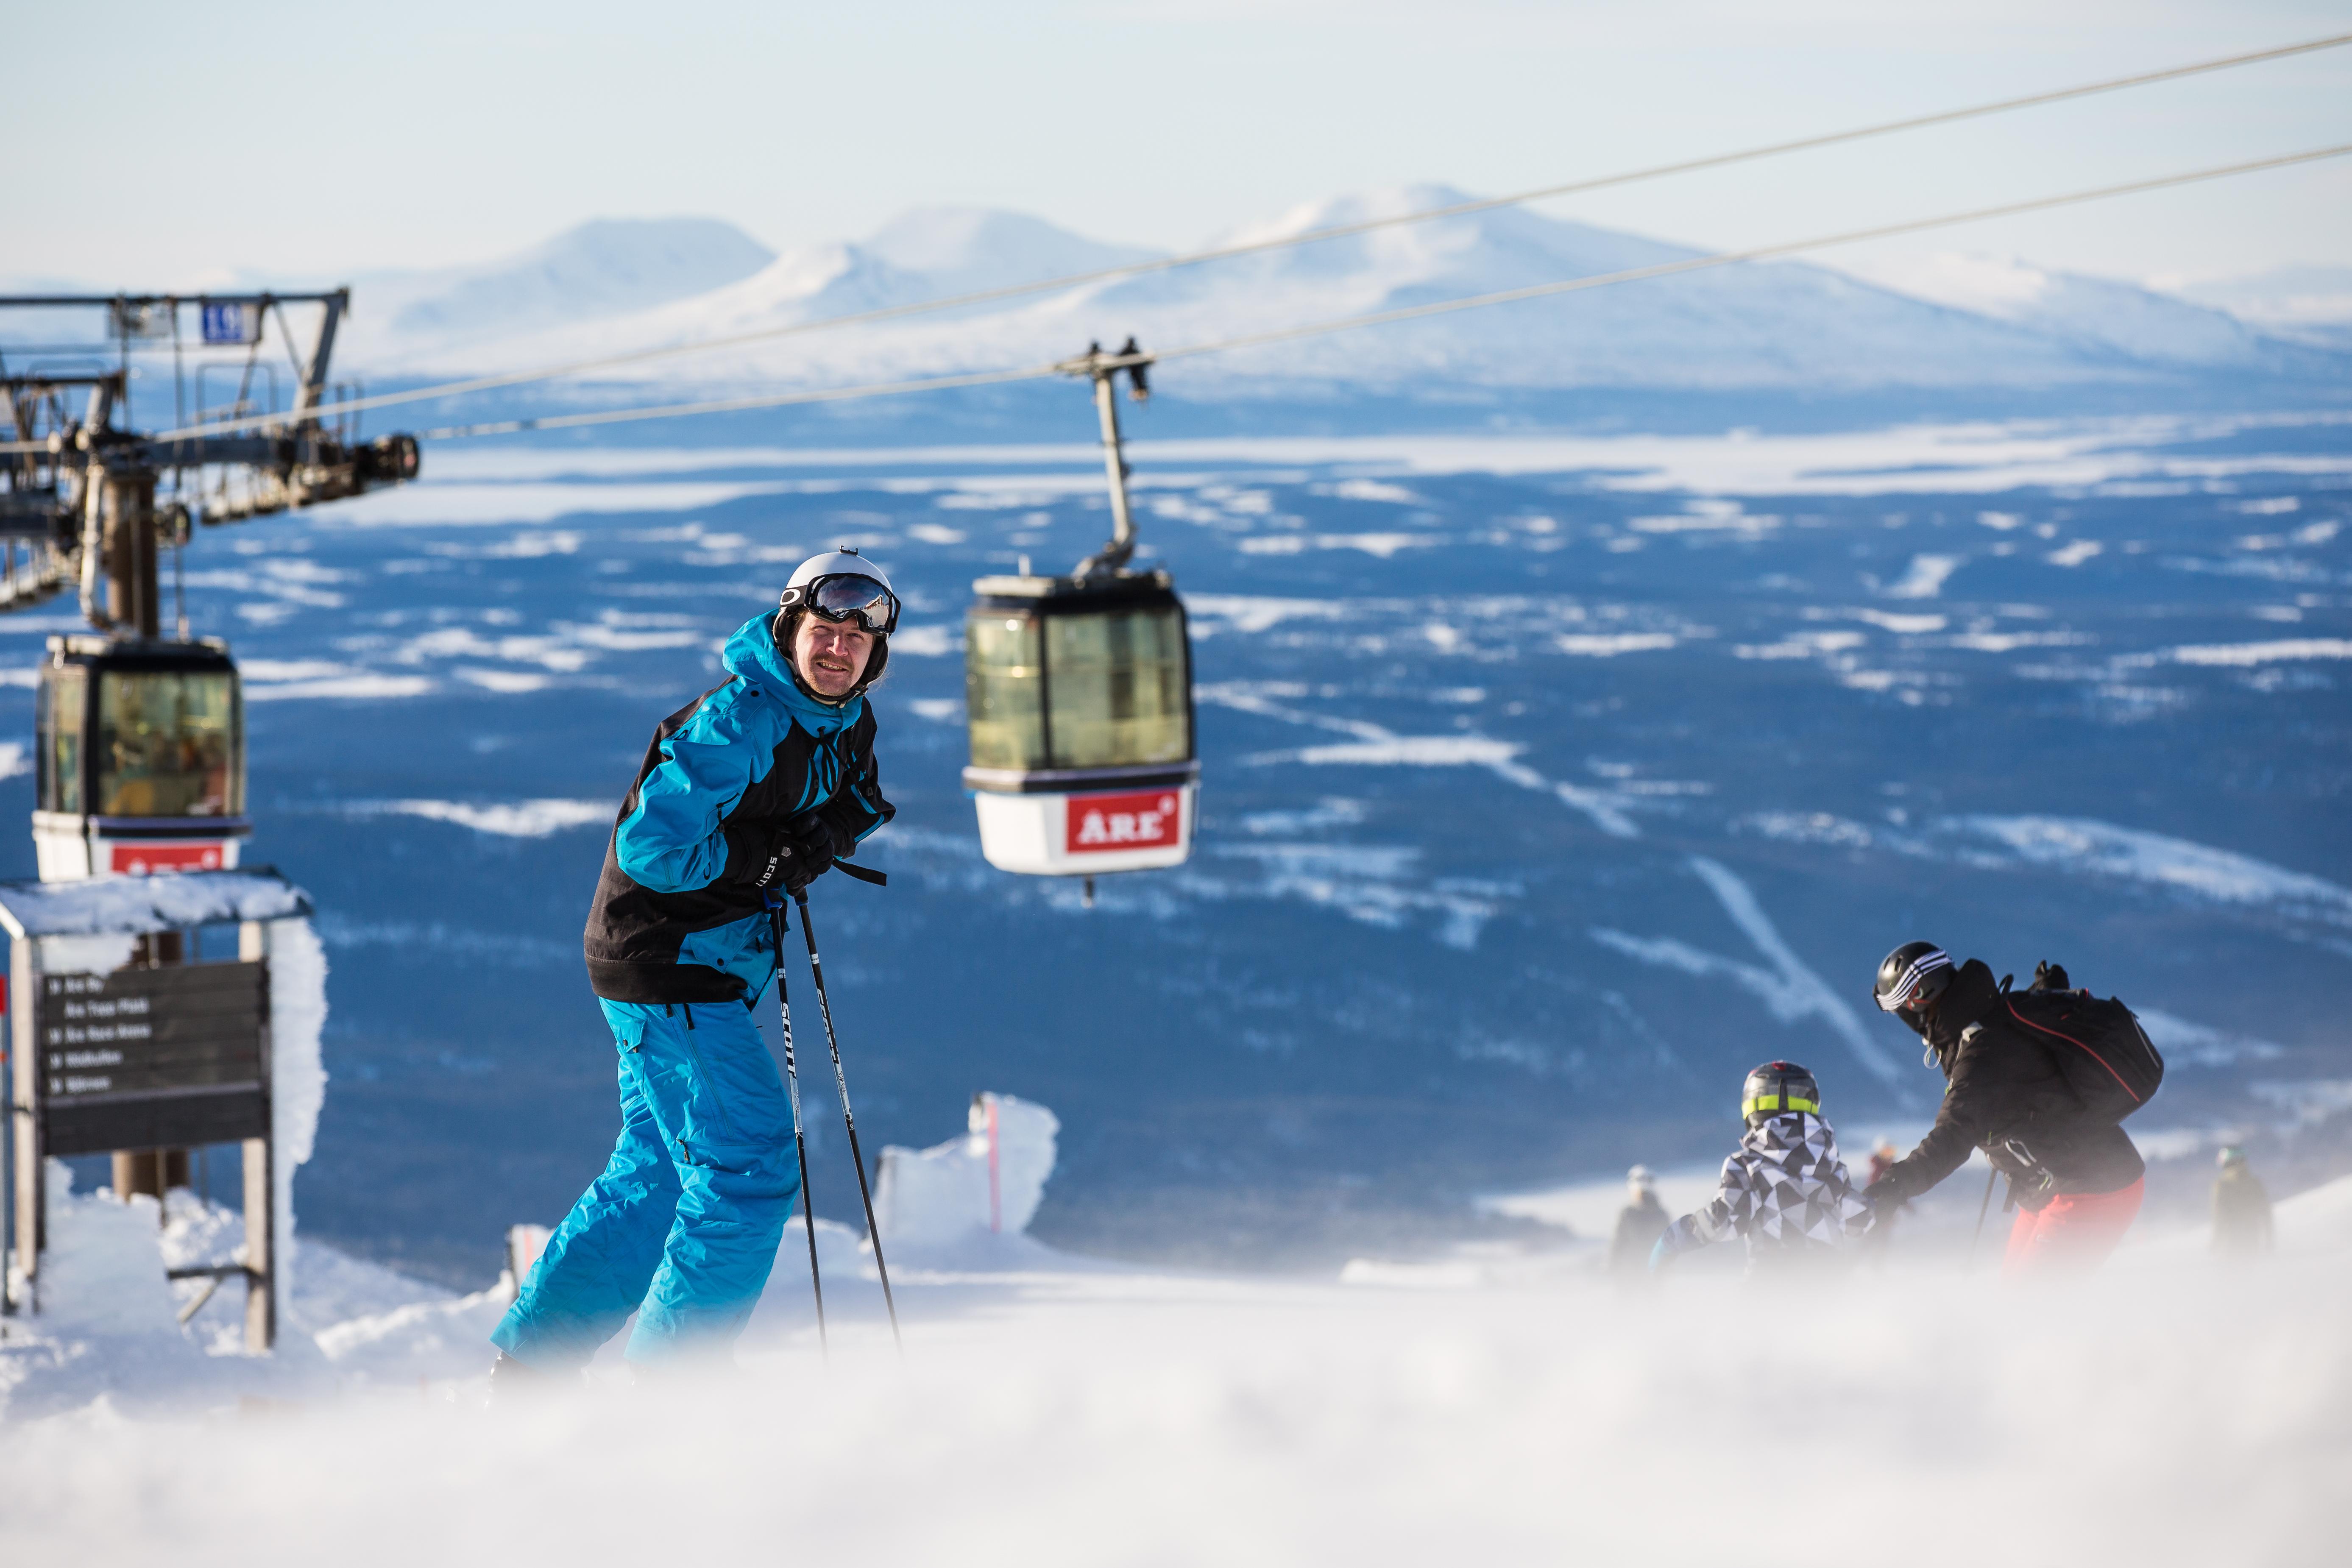 Från Åreskutans topp-platå är det 900 höjdmeter ner till Ica Åre. Fredrik  Eriksson kan åka Sveriges högsta skidbacke nästan hela vägen till jobbet. 9469a8e4e0b3b